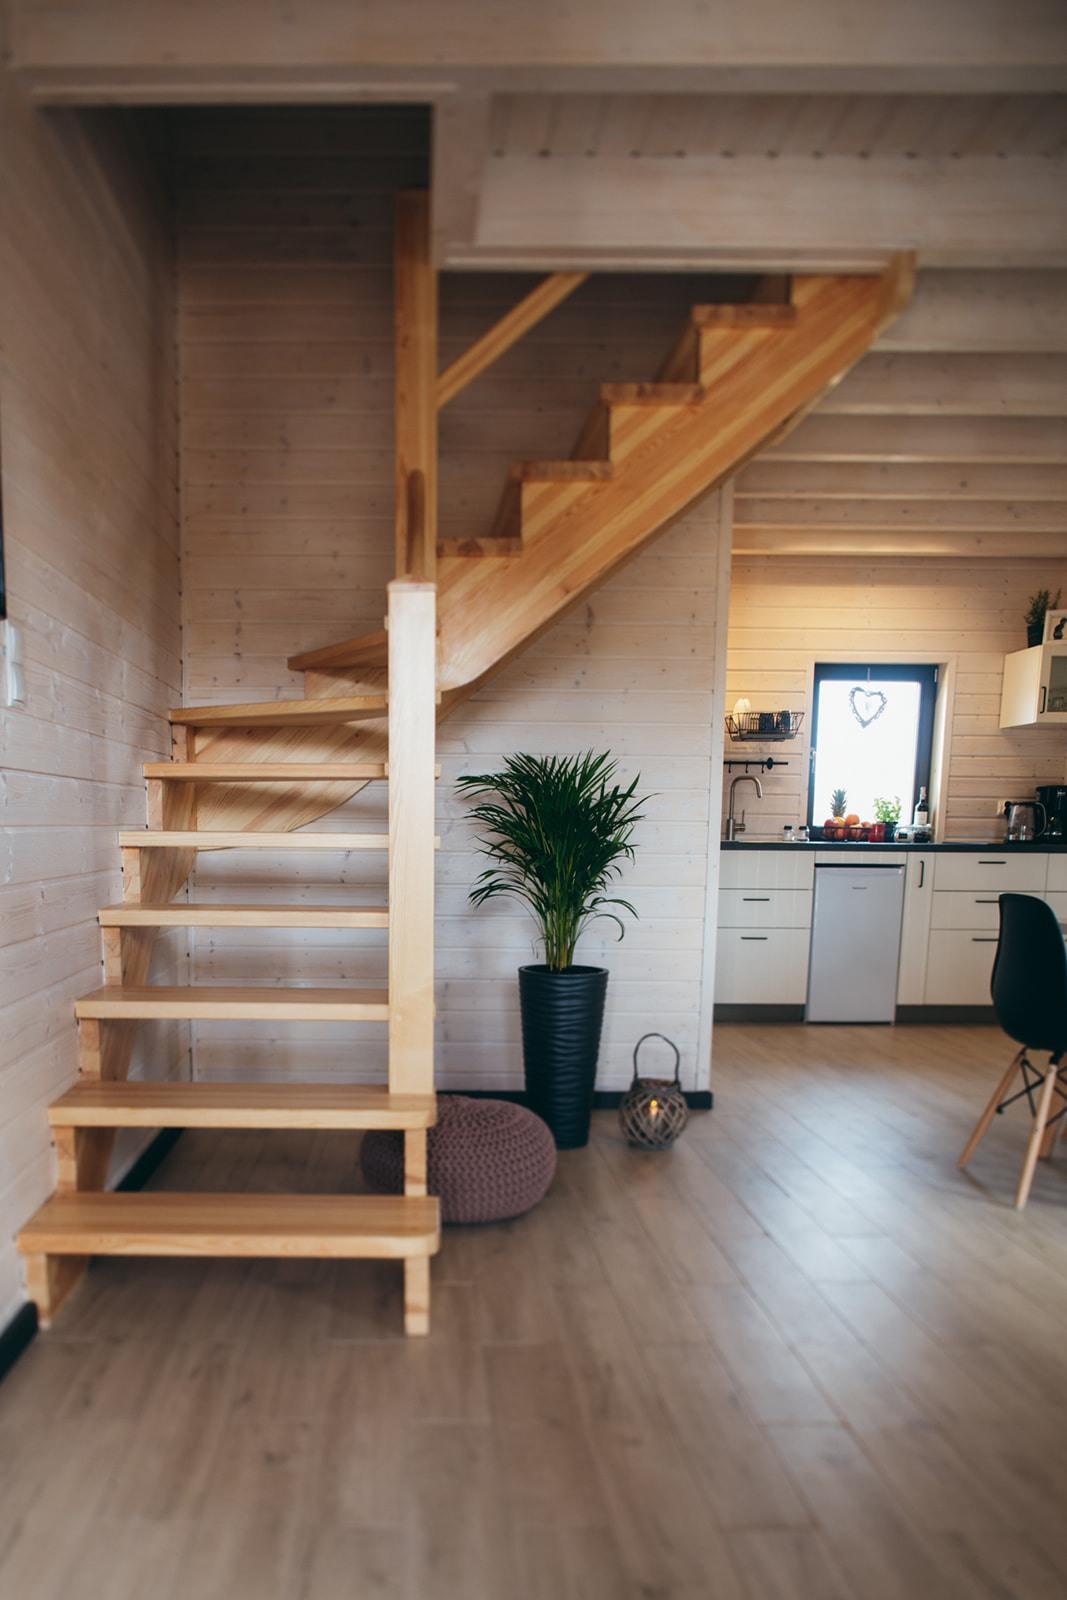 Domki nad Jeziorem Żywieckim, wnętrze, widok z wejścia, schody na piętro, jadalnia, aneks kuchenny